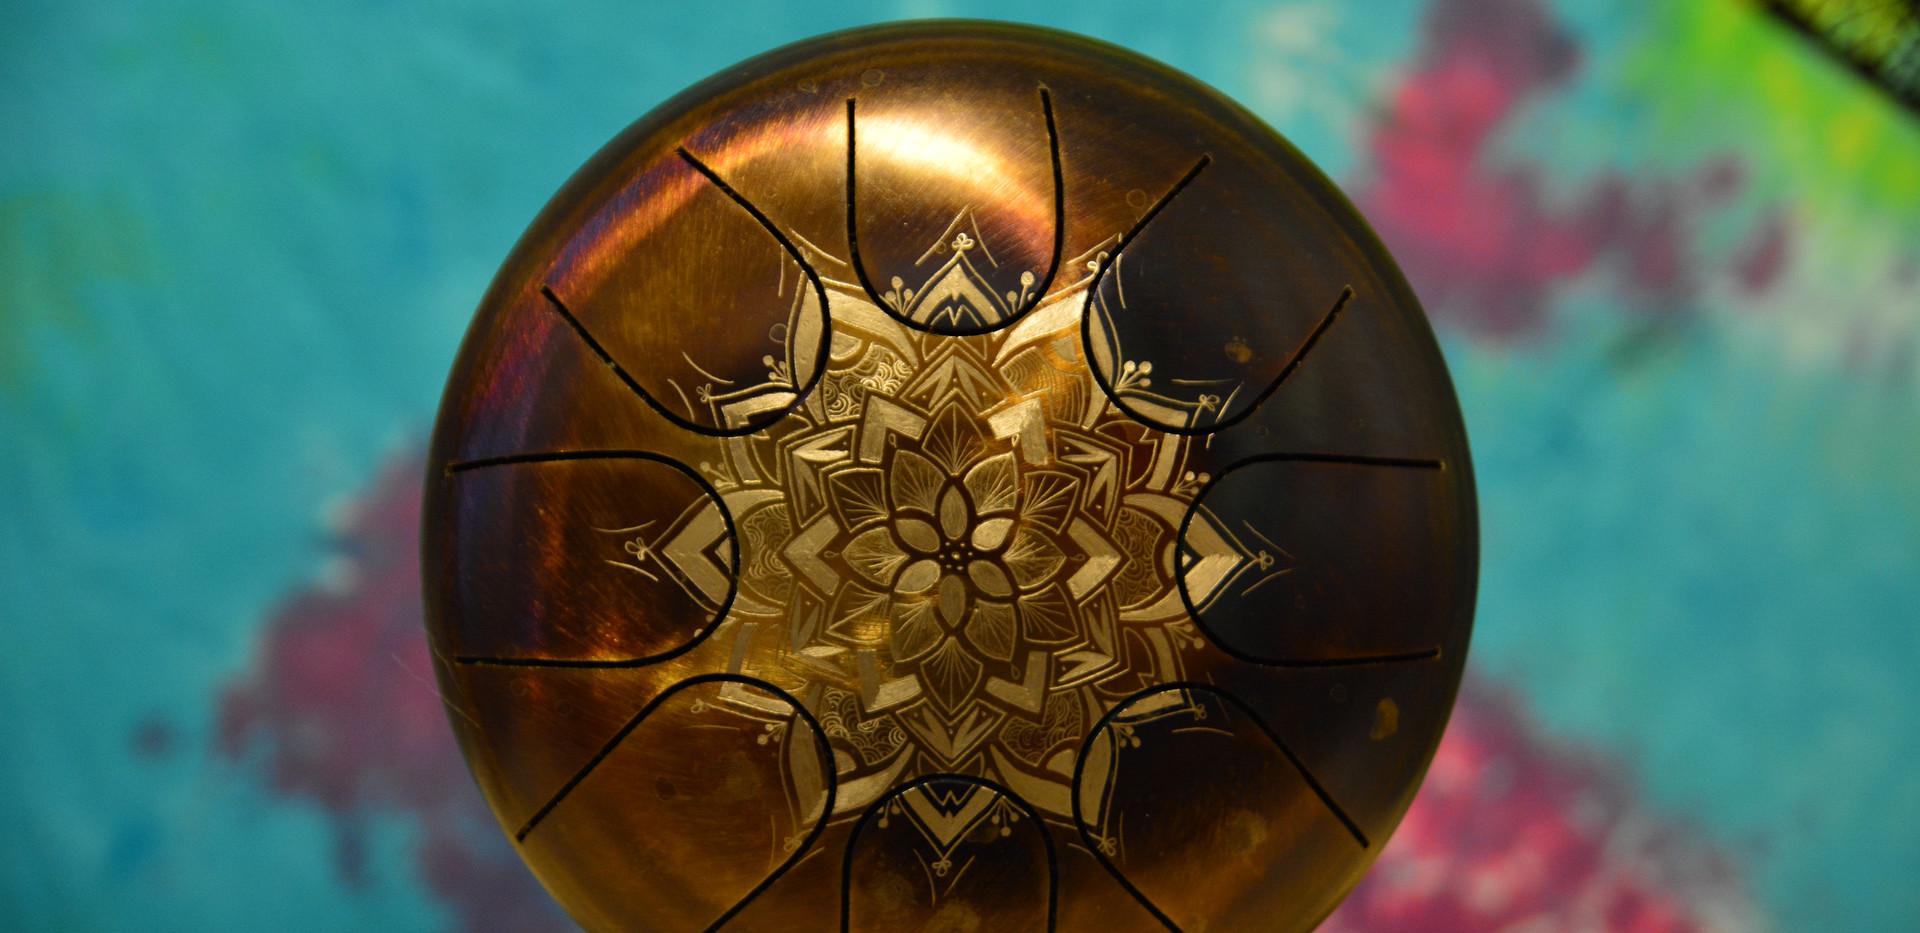 mandala petit drum tankdrum - instrument de musique - hang - handpan - yoga